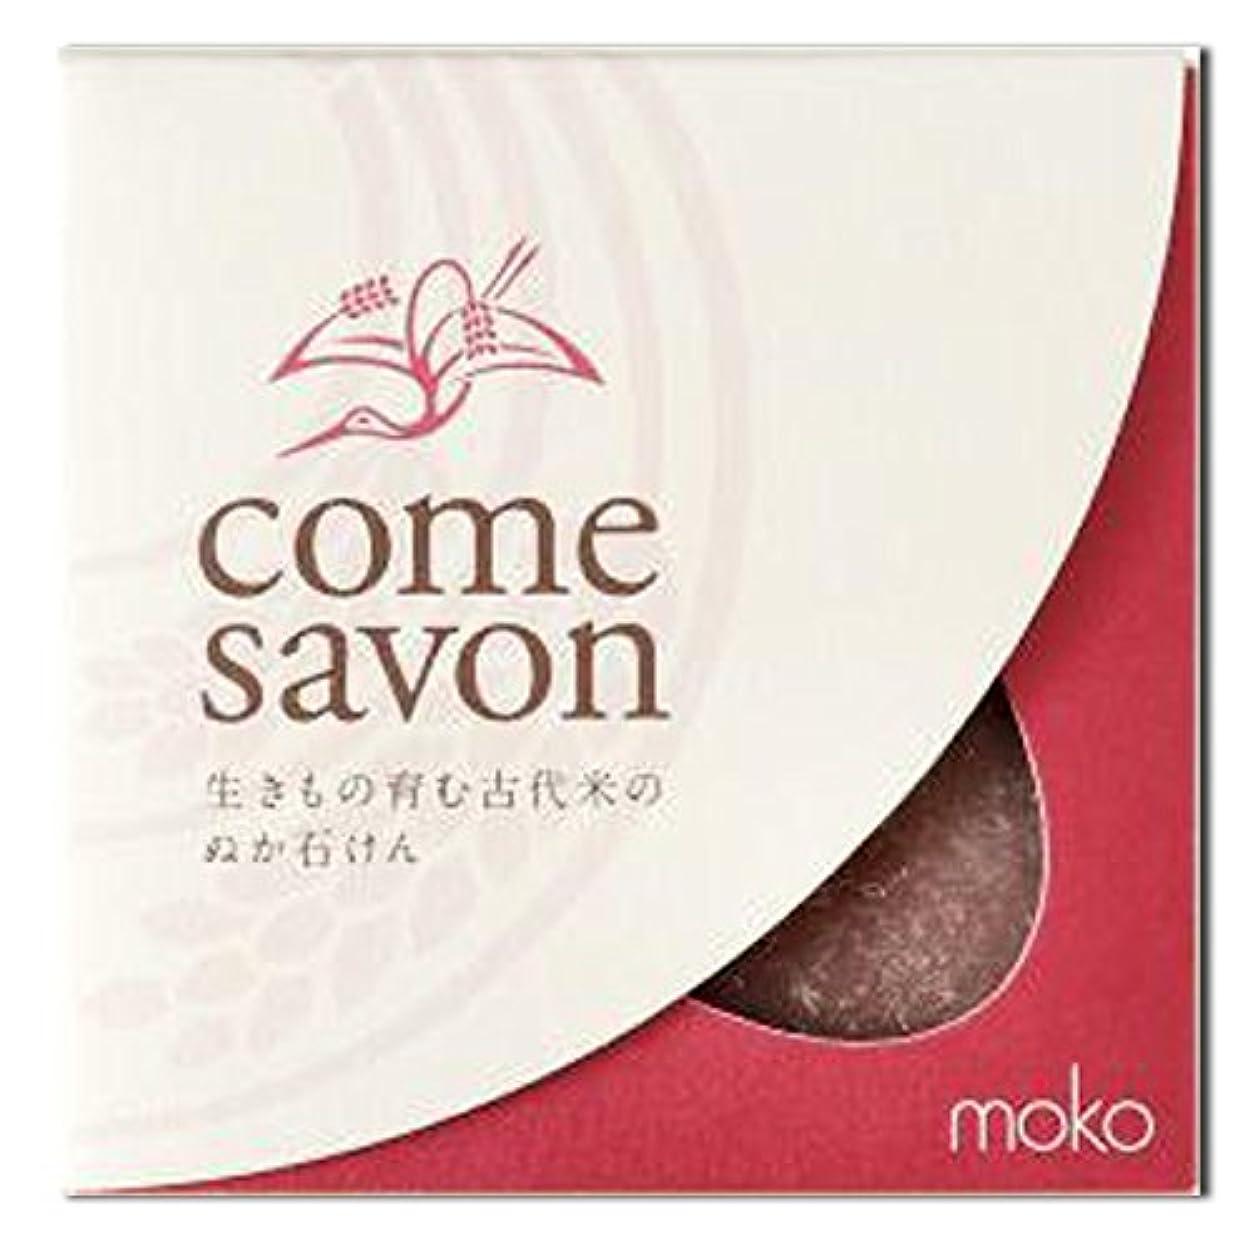 衝突コースアーサーコナンドイル十分ではない無添加手作り石けんcome savon 紅 しっとりタイプ